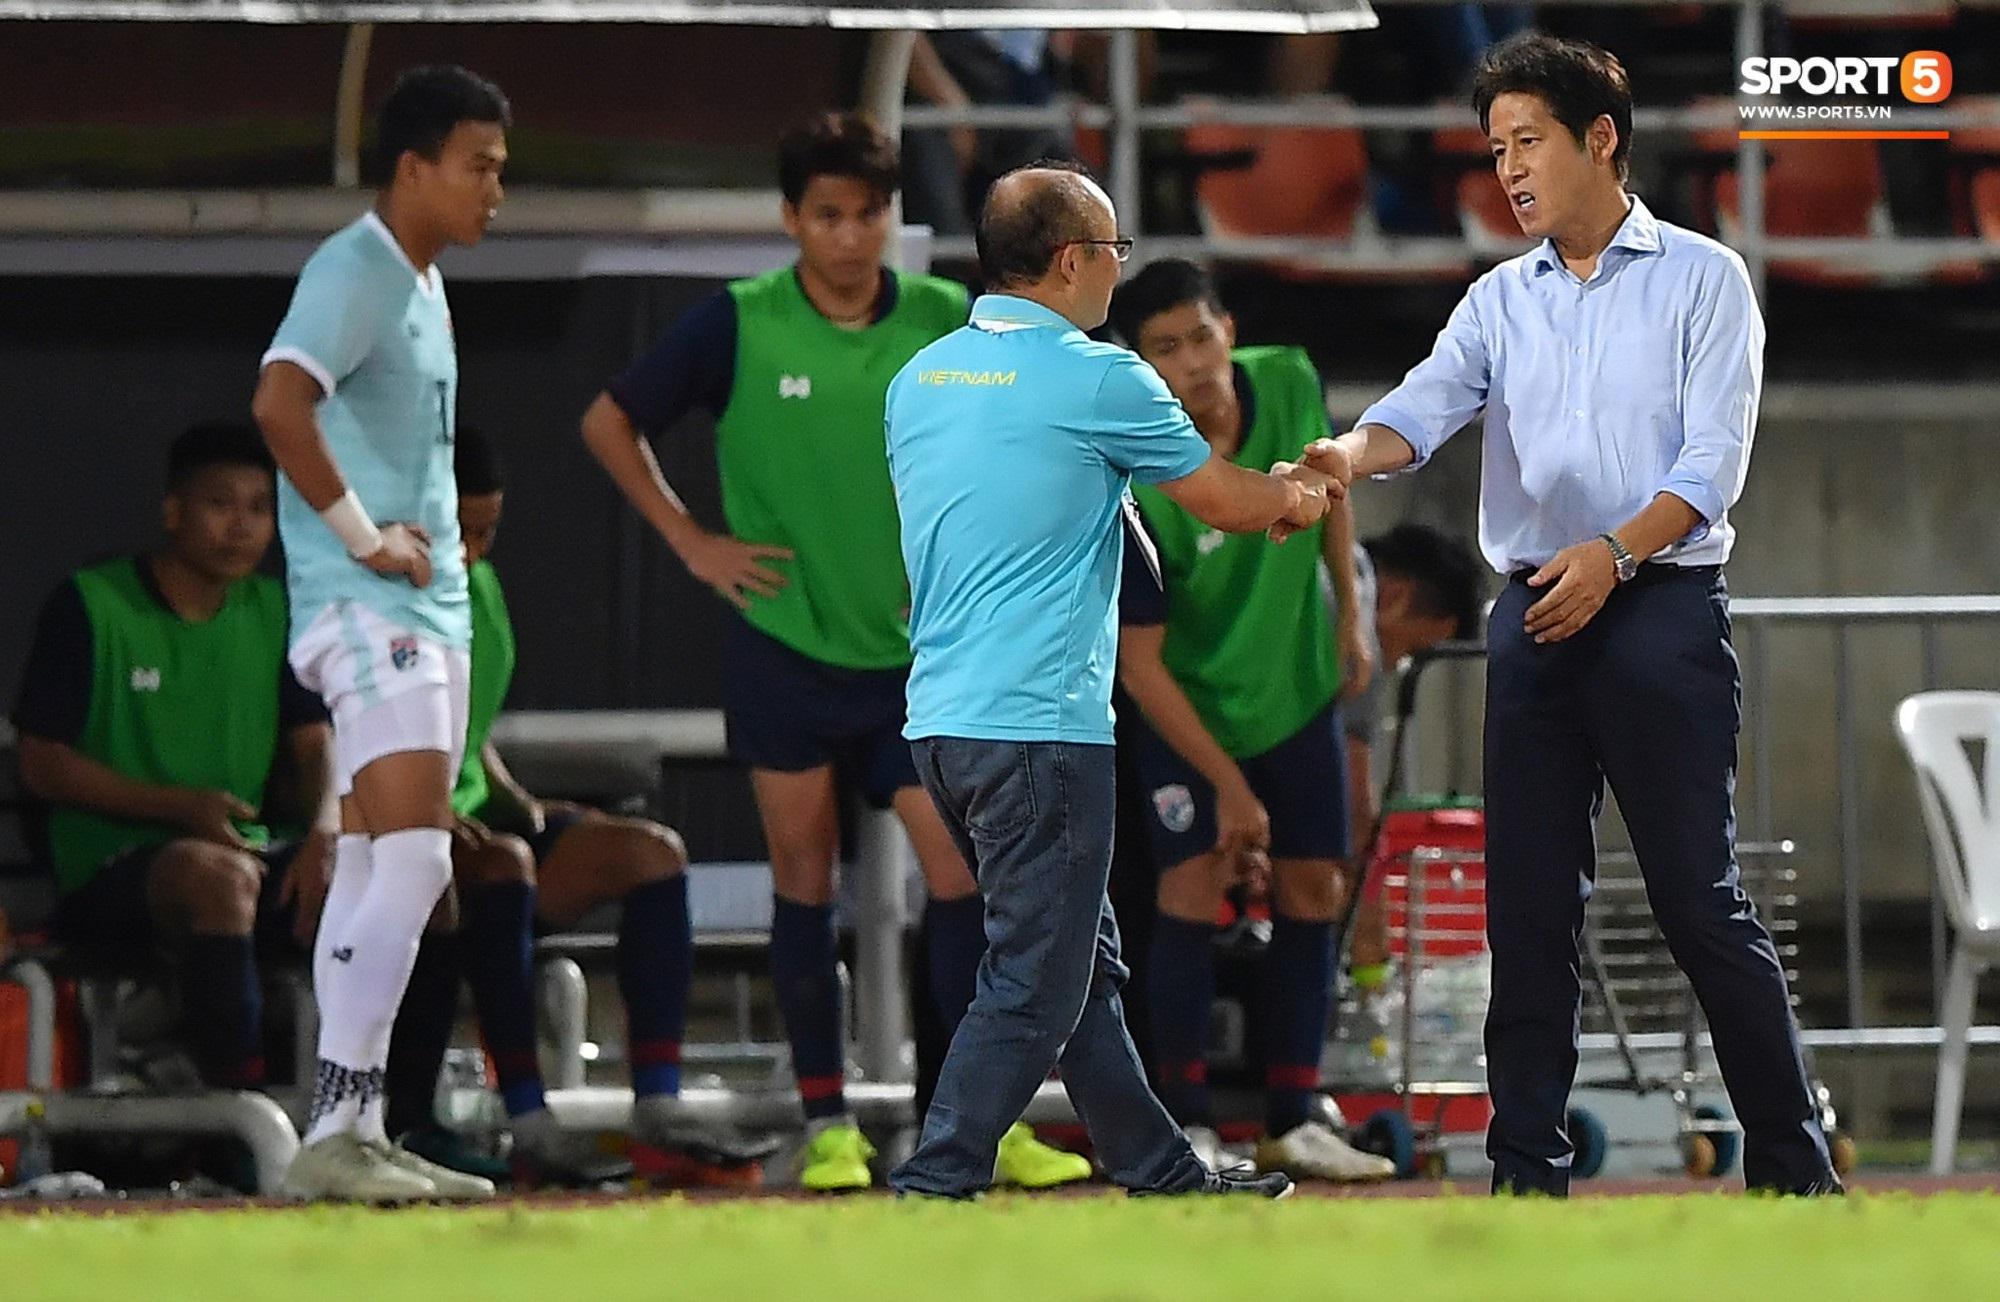 Căng: Bị 'treo giò' trận gặp UAE nhưng điều gì khiến HLV Park Hang-seo vẫn 'tự tin, bình thản' như thường? - Ảnh 2